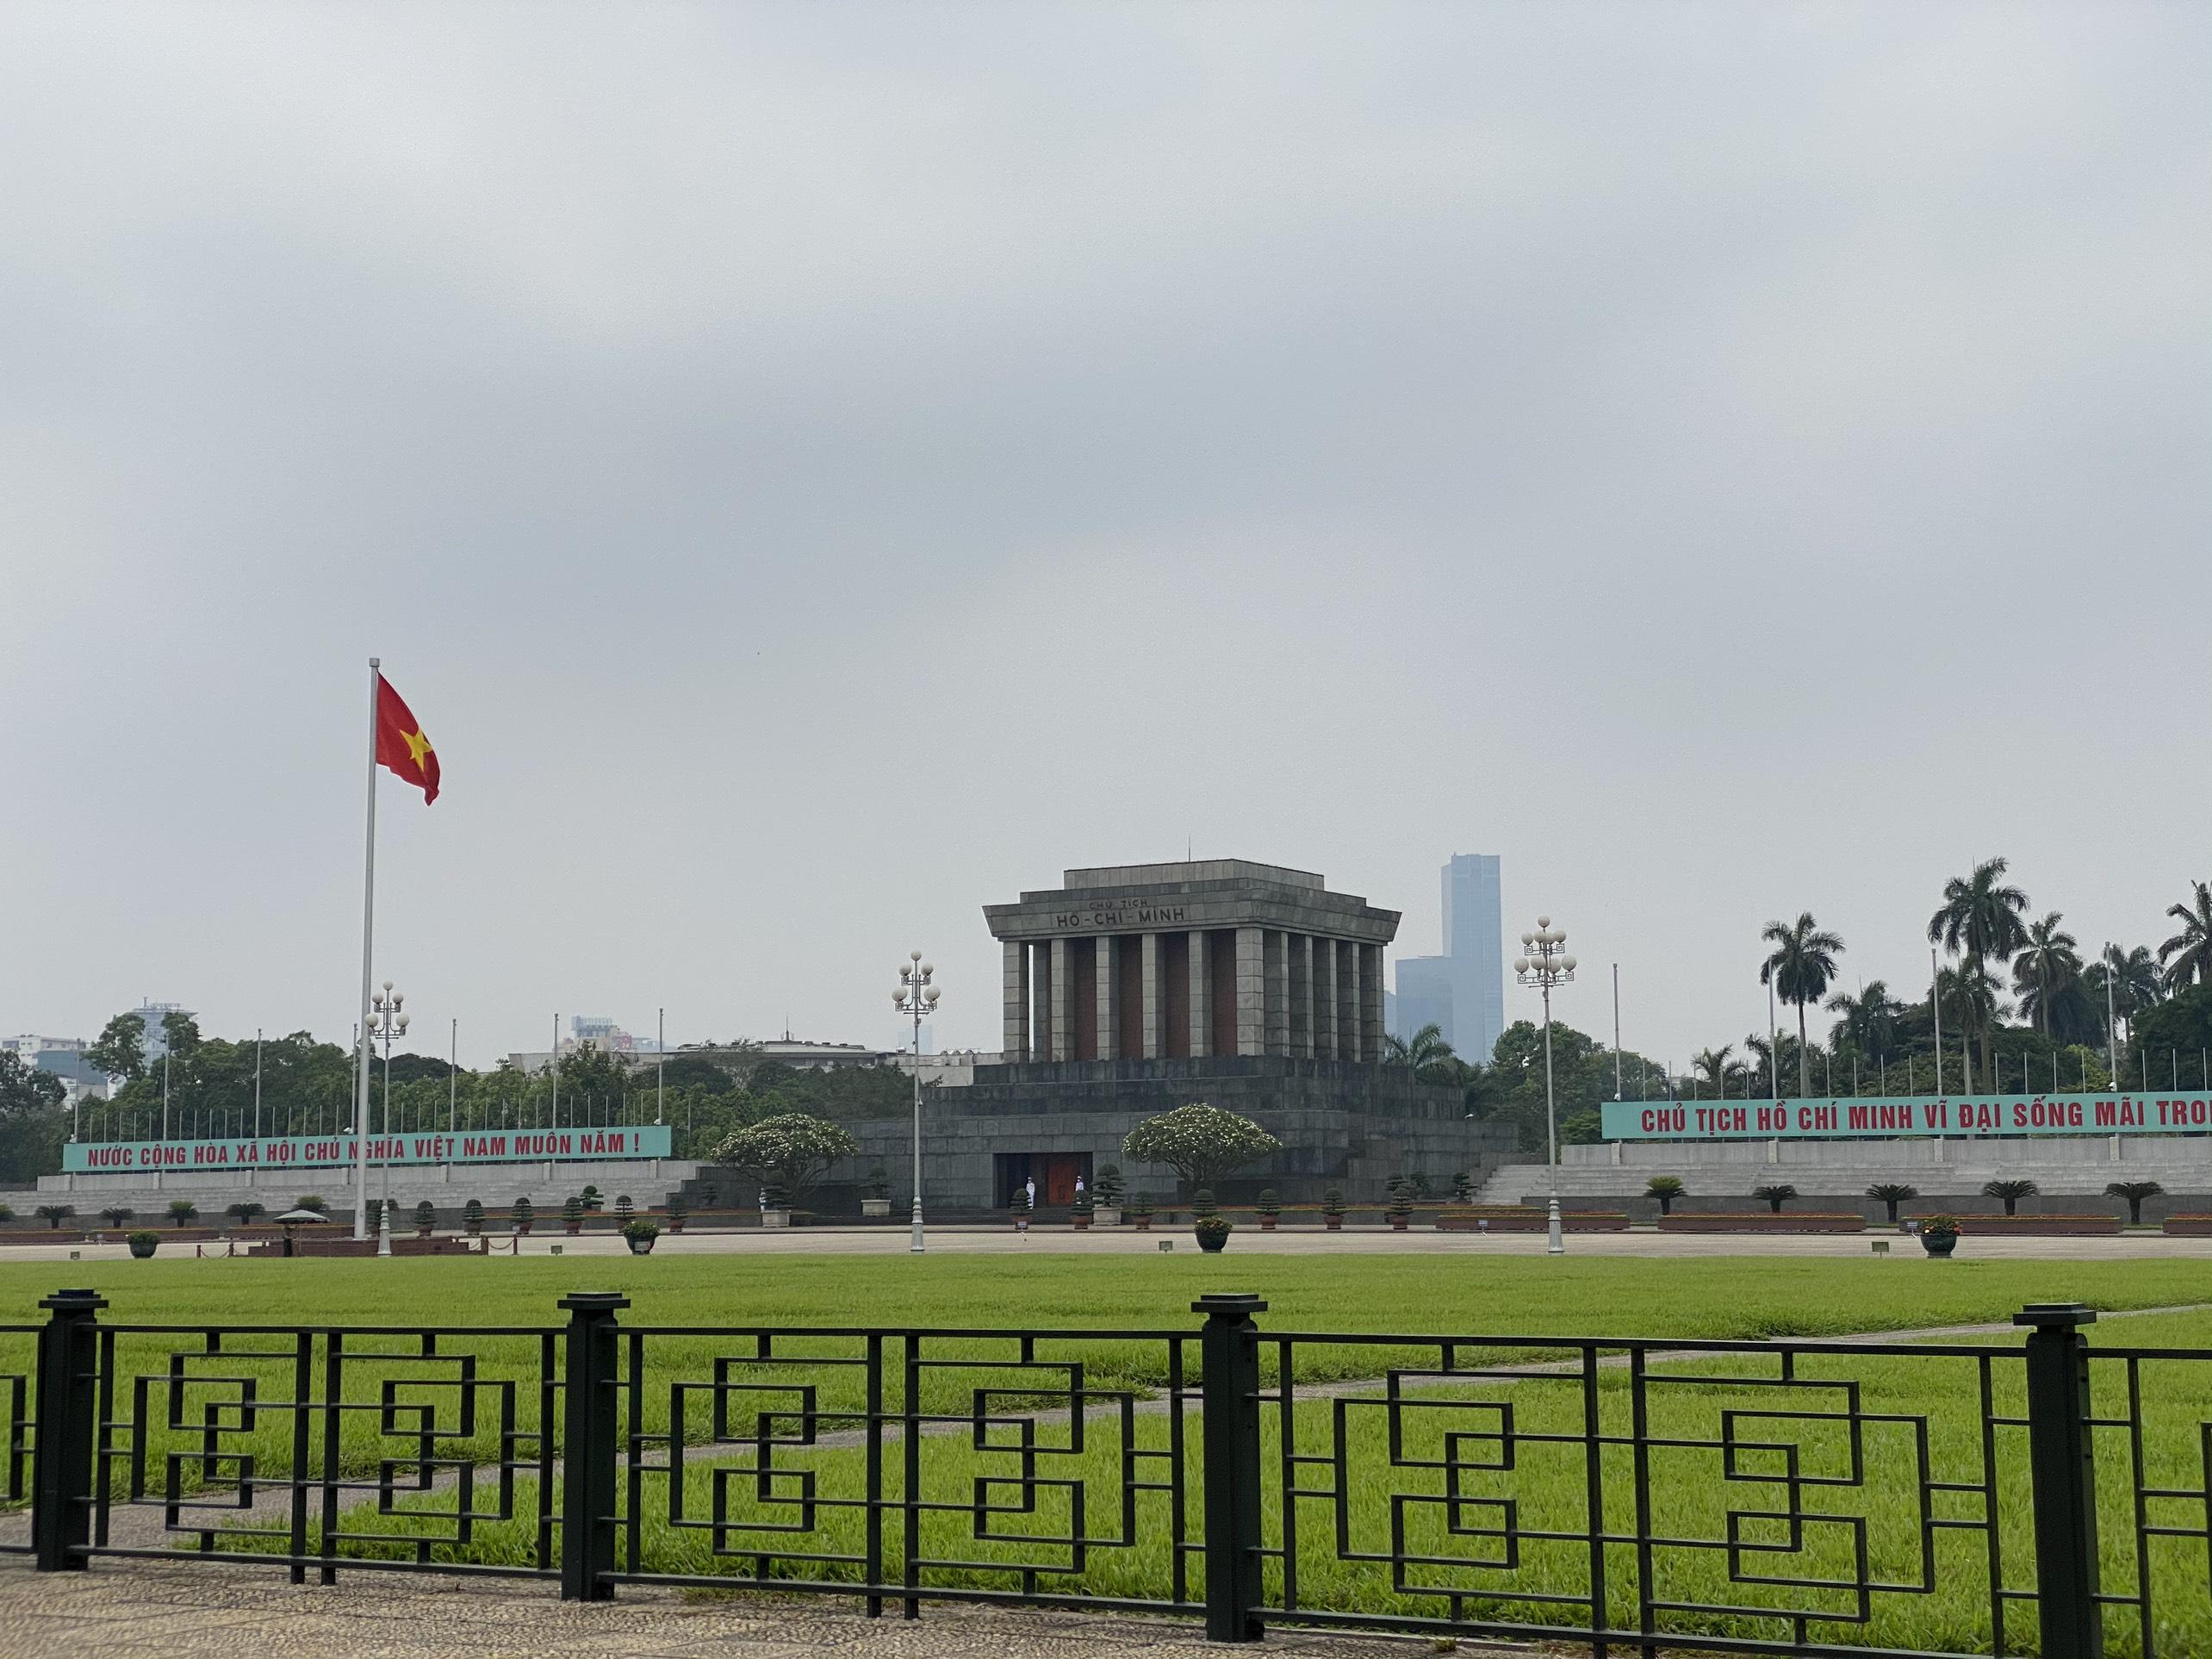 Mở cửa trở lại, một số điểm tham quan tại Hà Nội vẫn vắng khách du lịch - Ảnh 5.